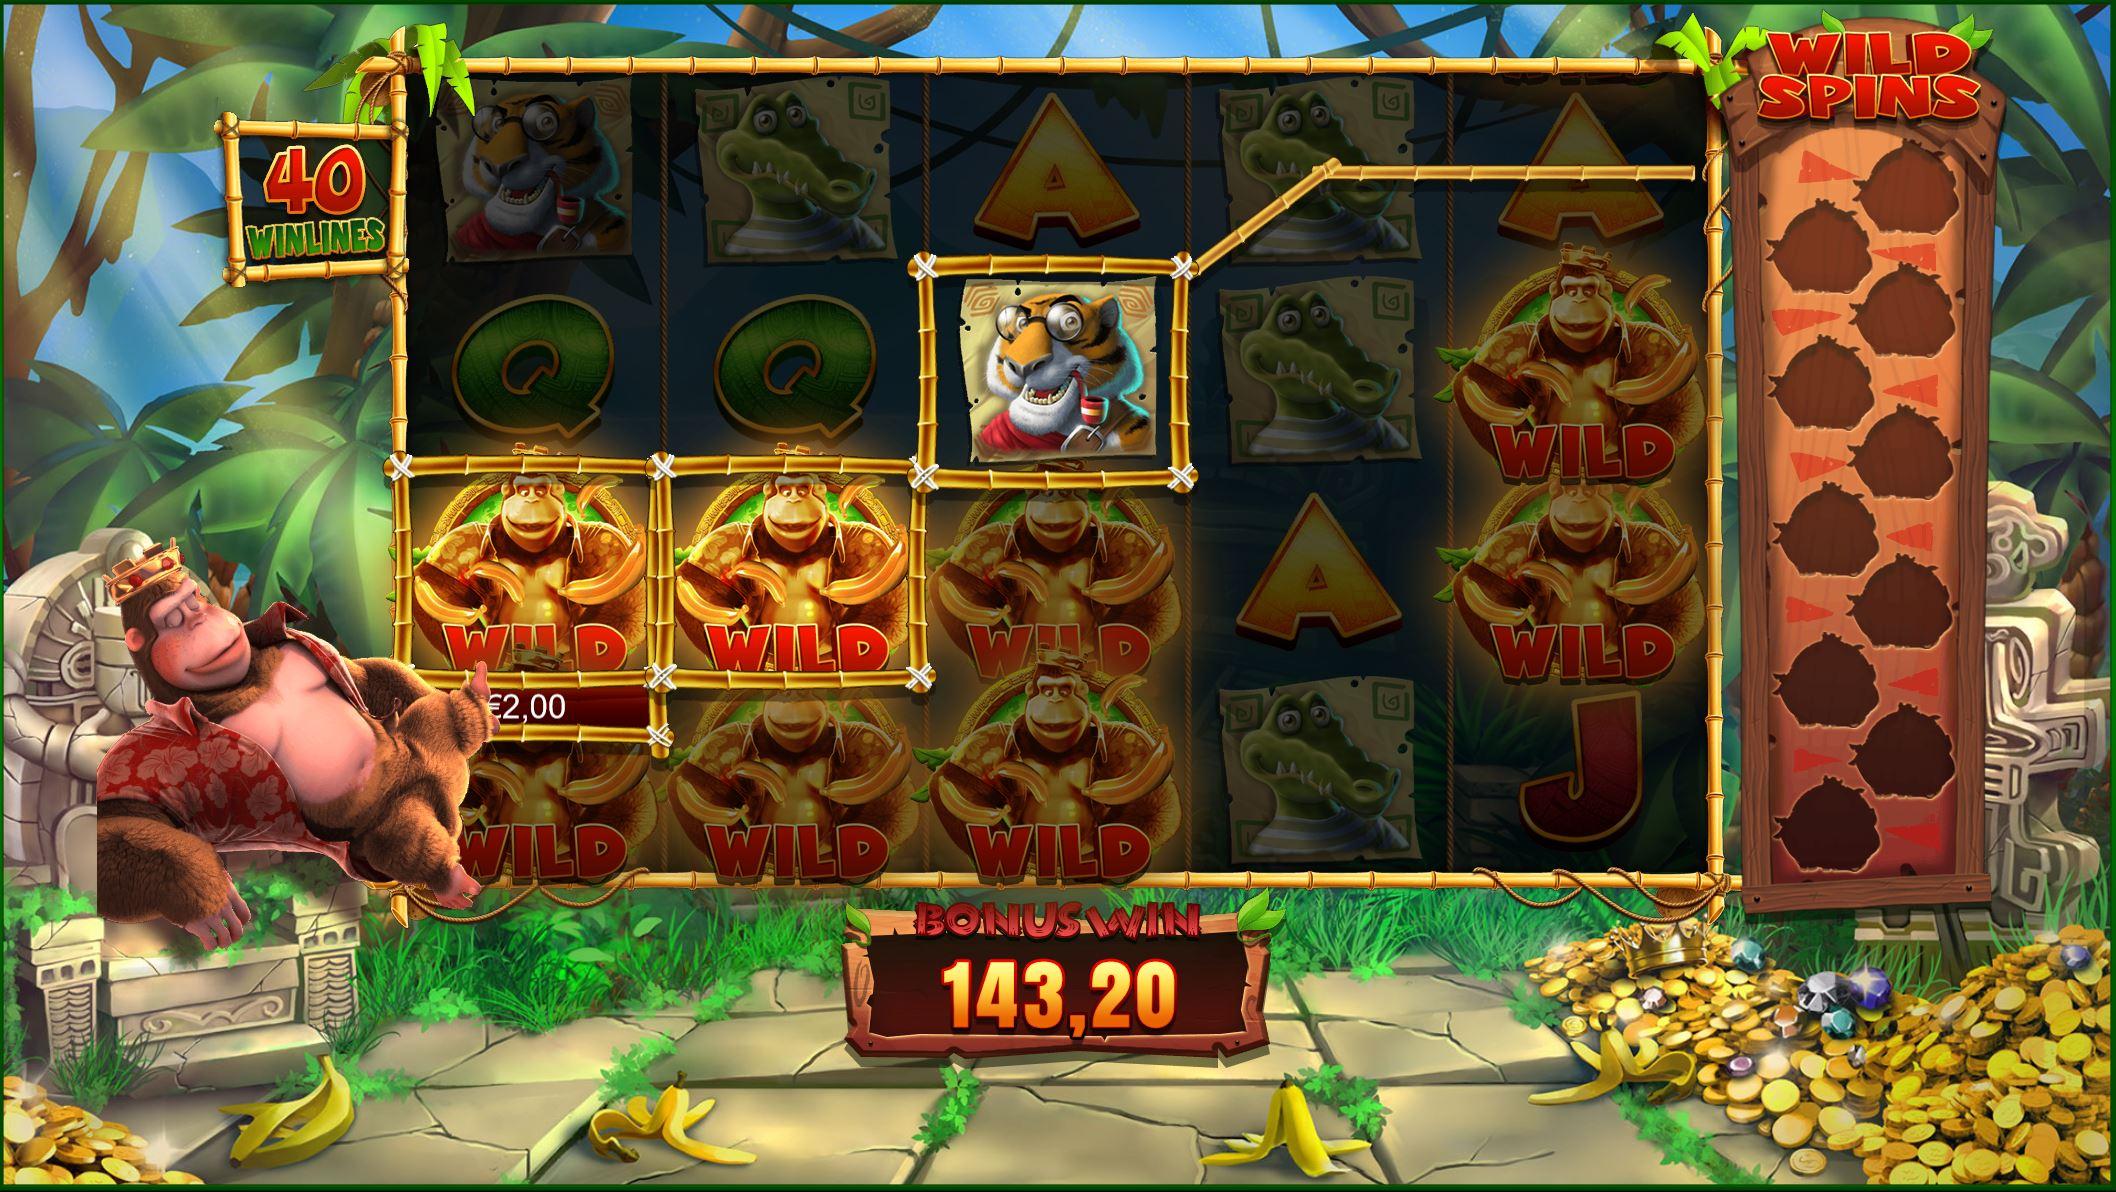 King Kong Cash bonus win on Golden